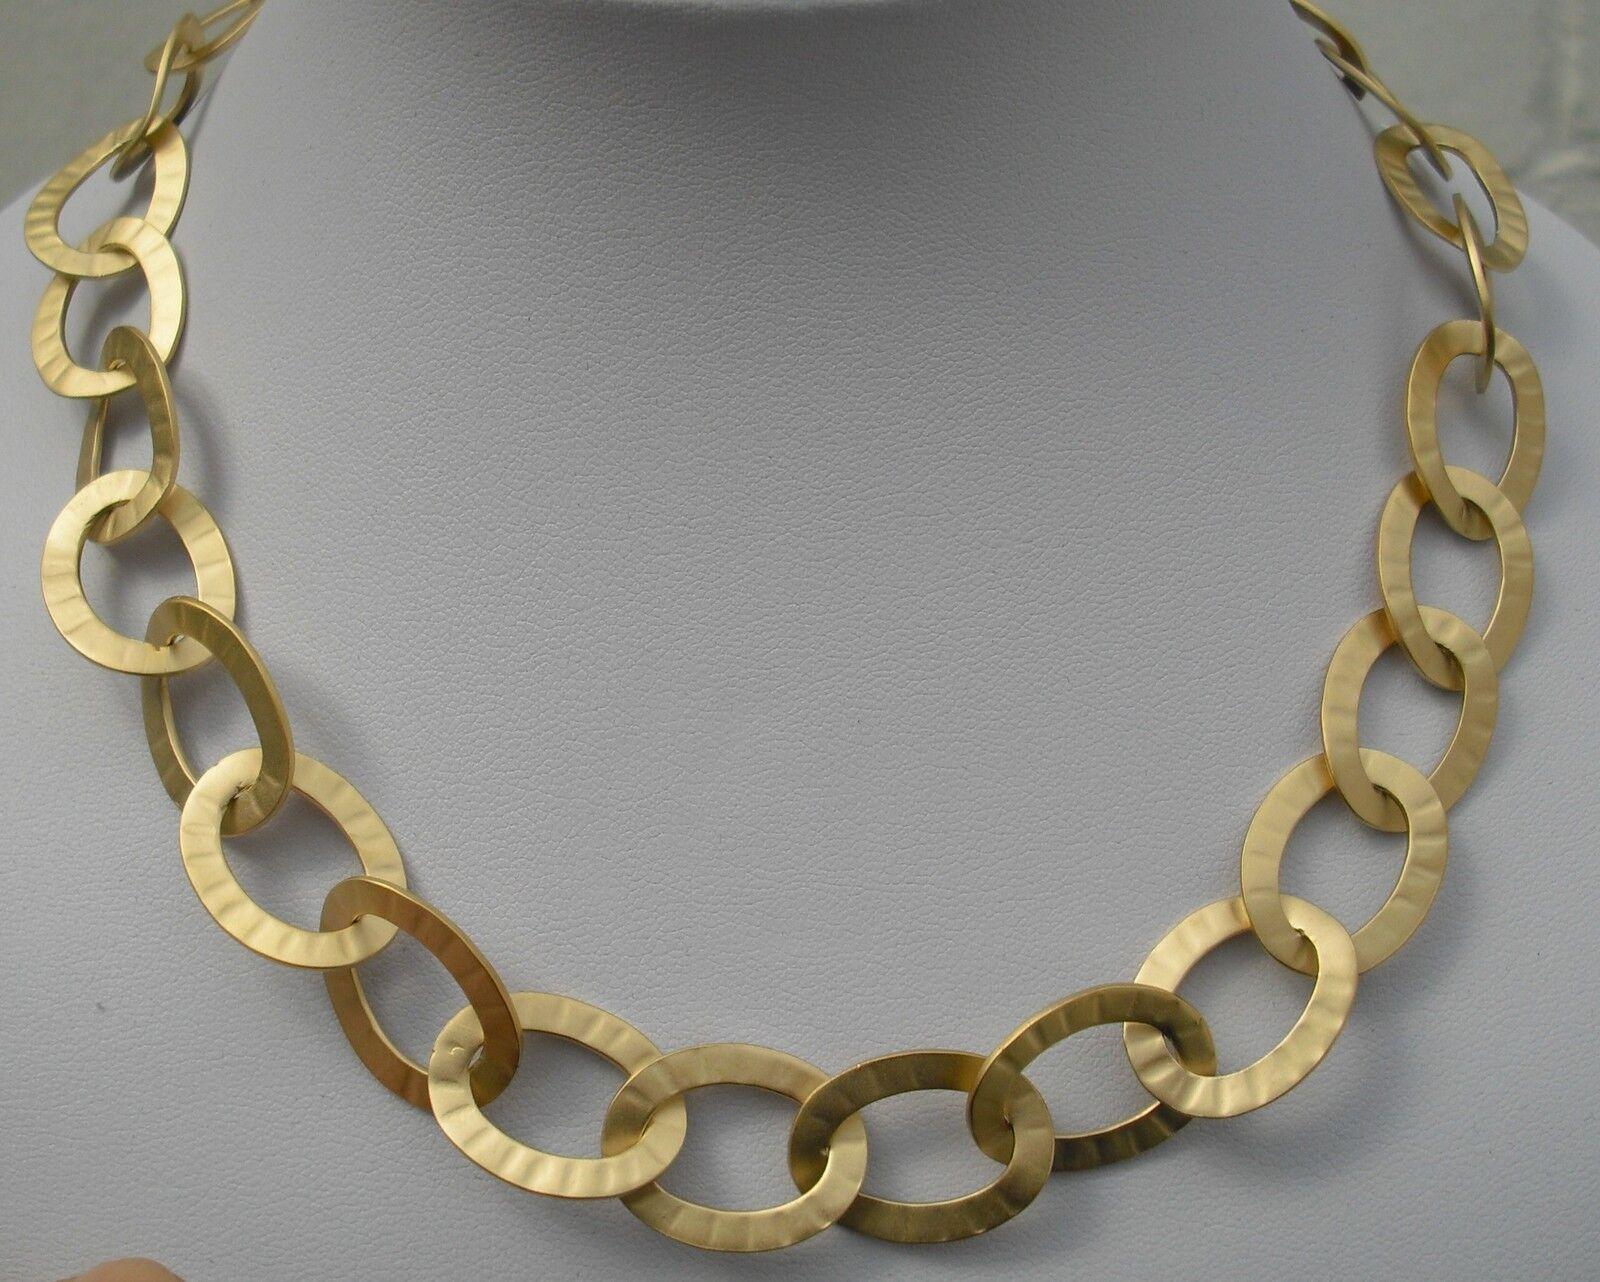 Halskette Collier vergoldet  mit ovalen Kettengliedern - 49 cm - NEU